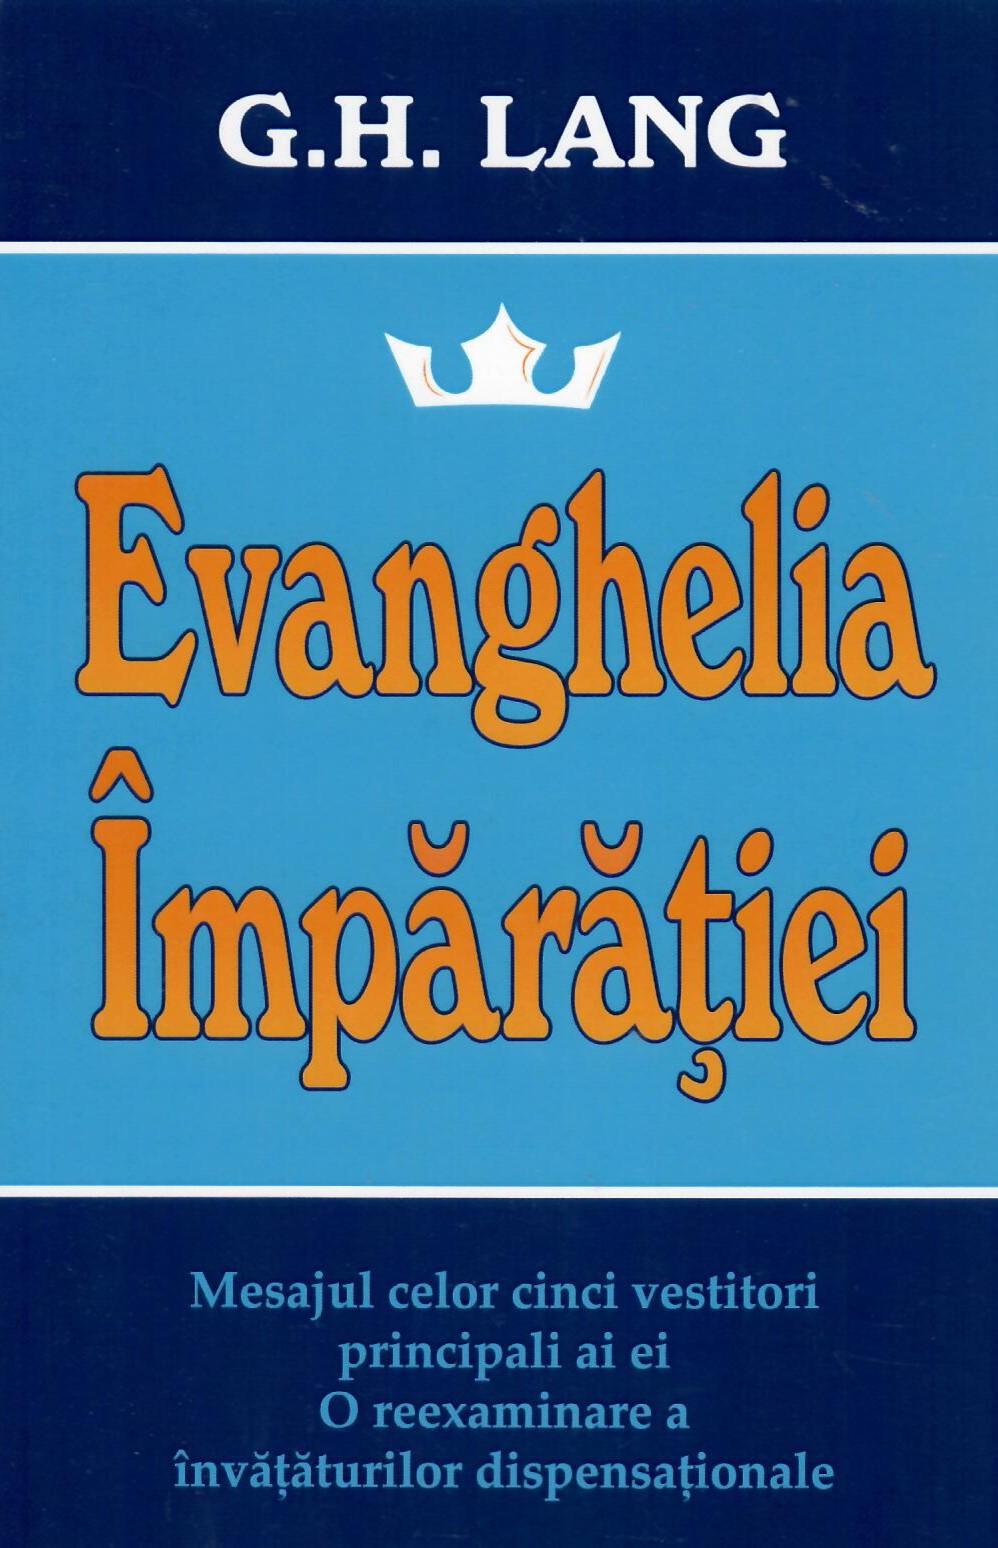 Evanghelia Imparatiei